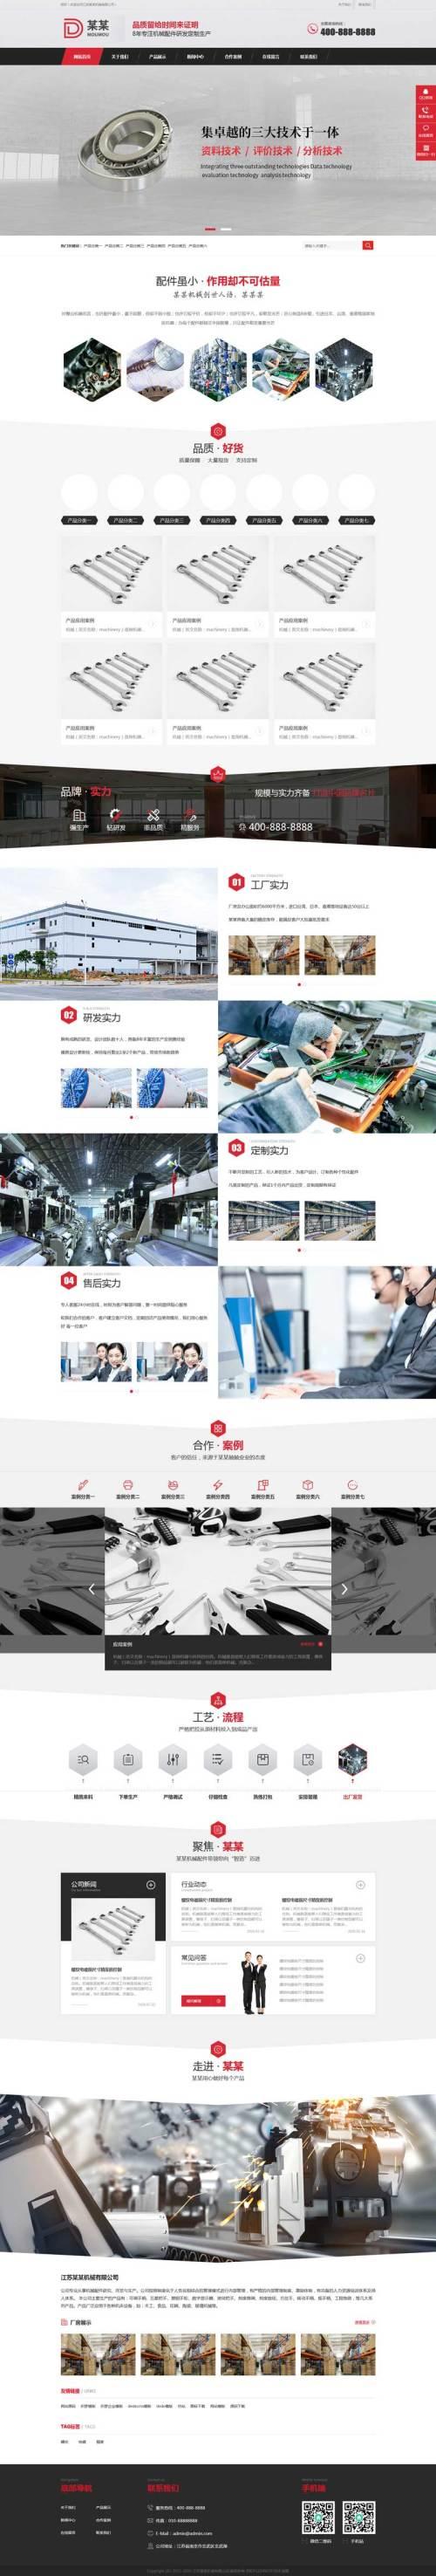 通用的机械配件生产销售网站织梦源码